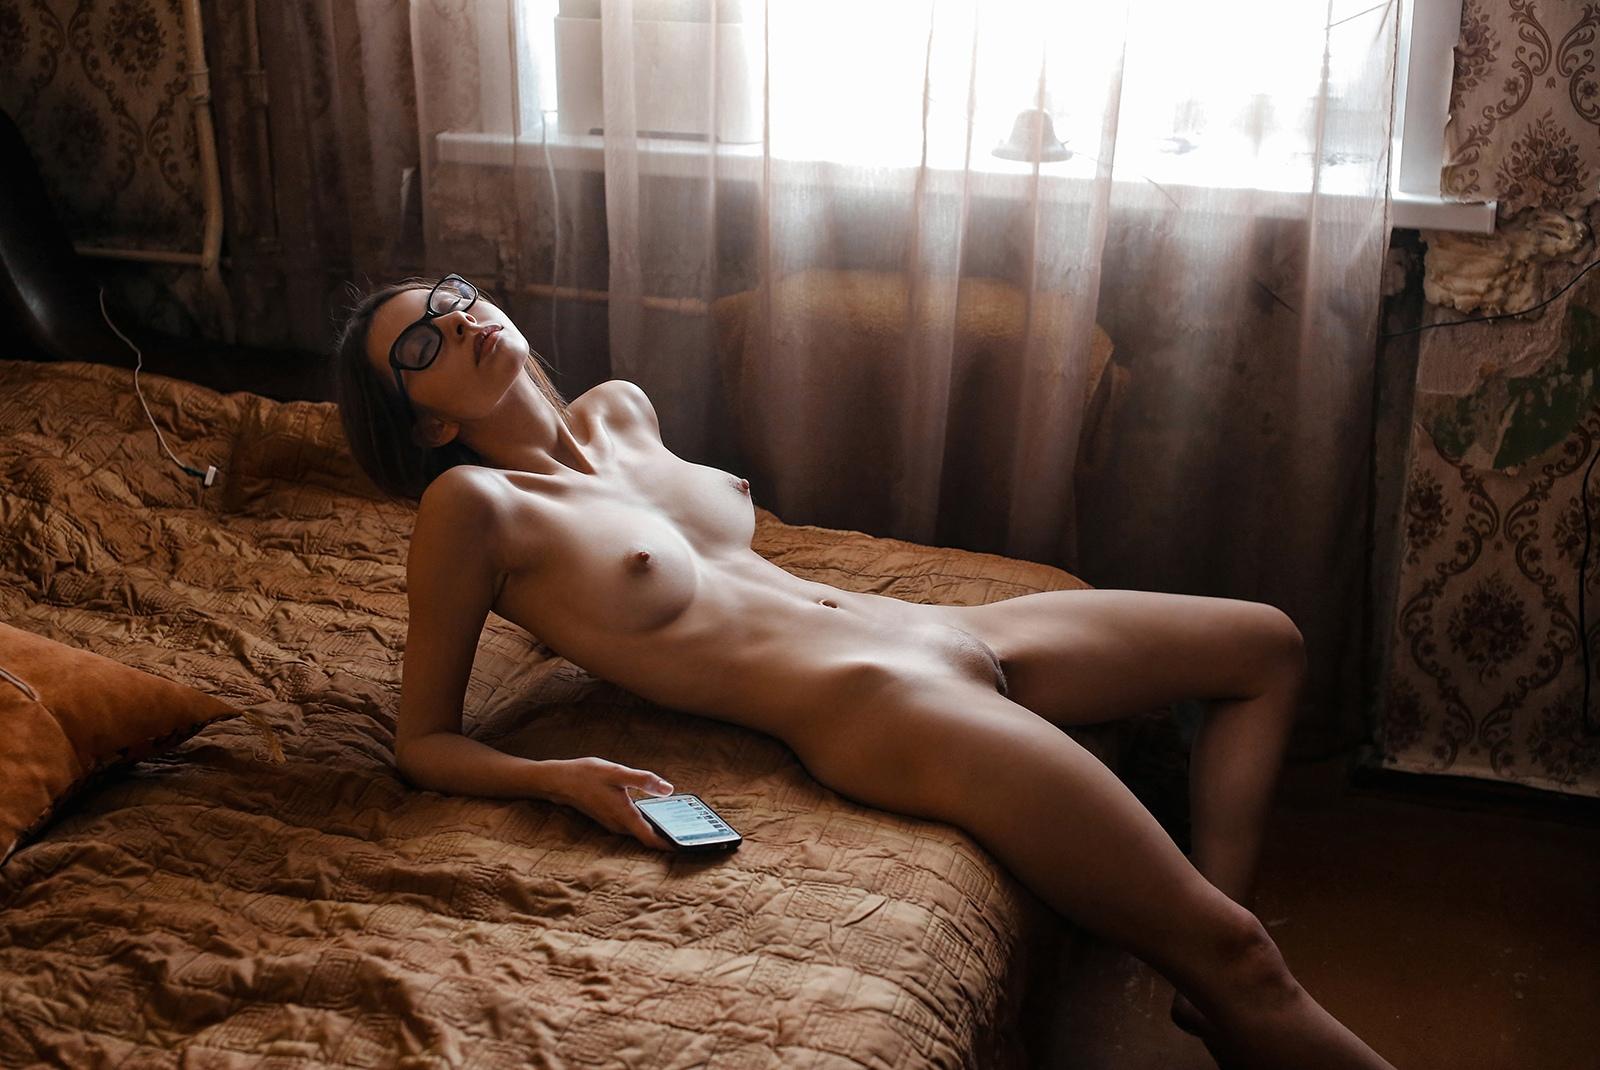 Обнаженные Фотографии В Домашних Условиях